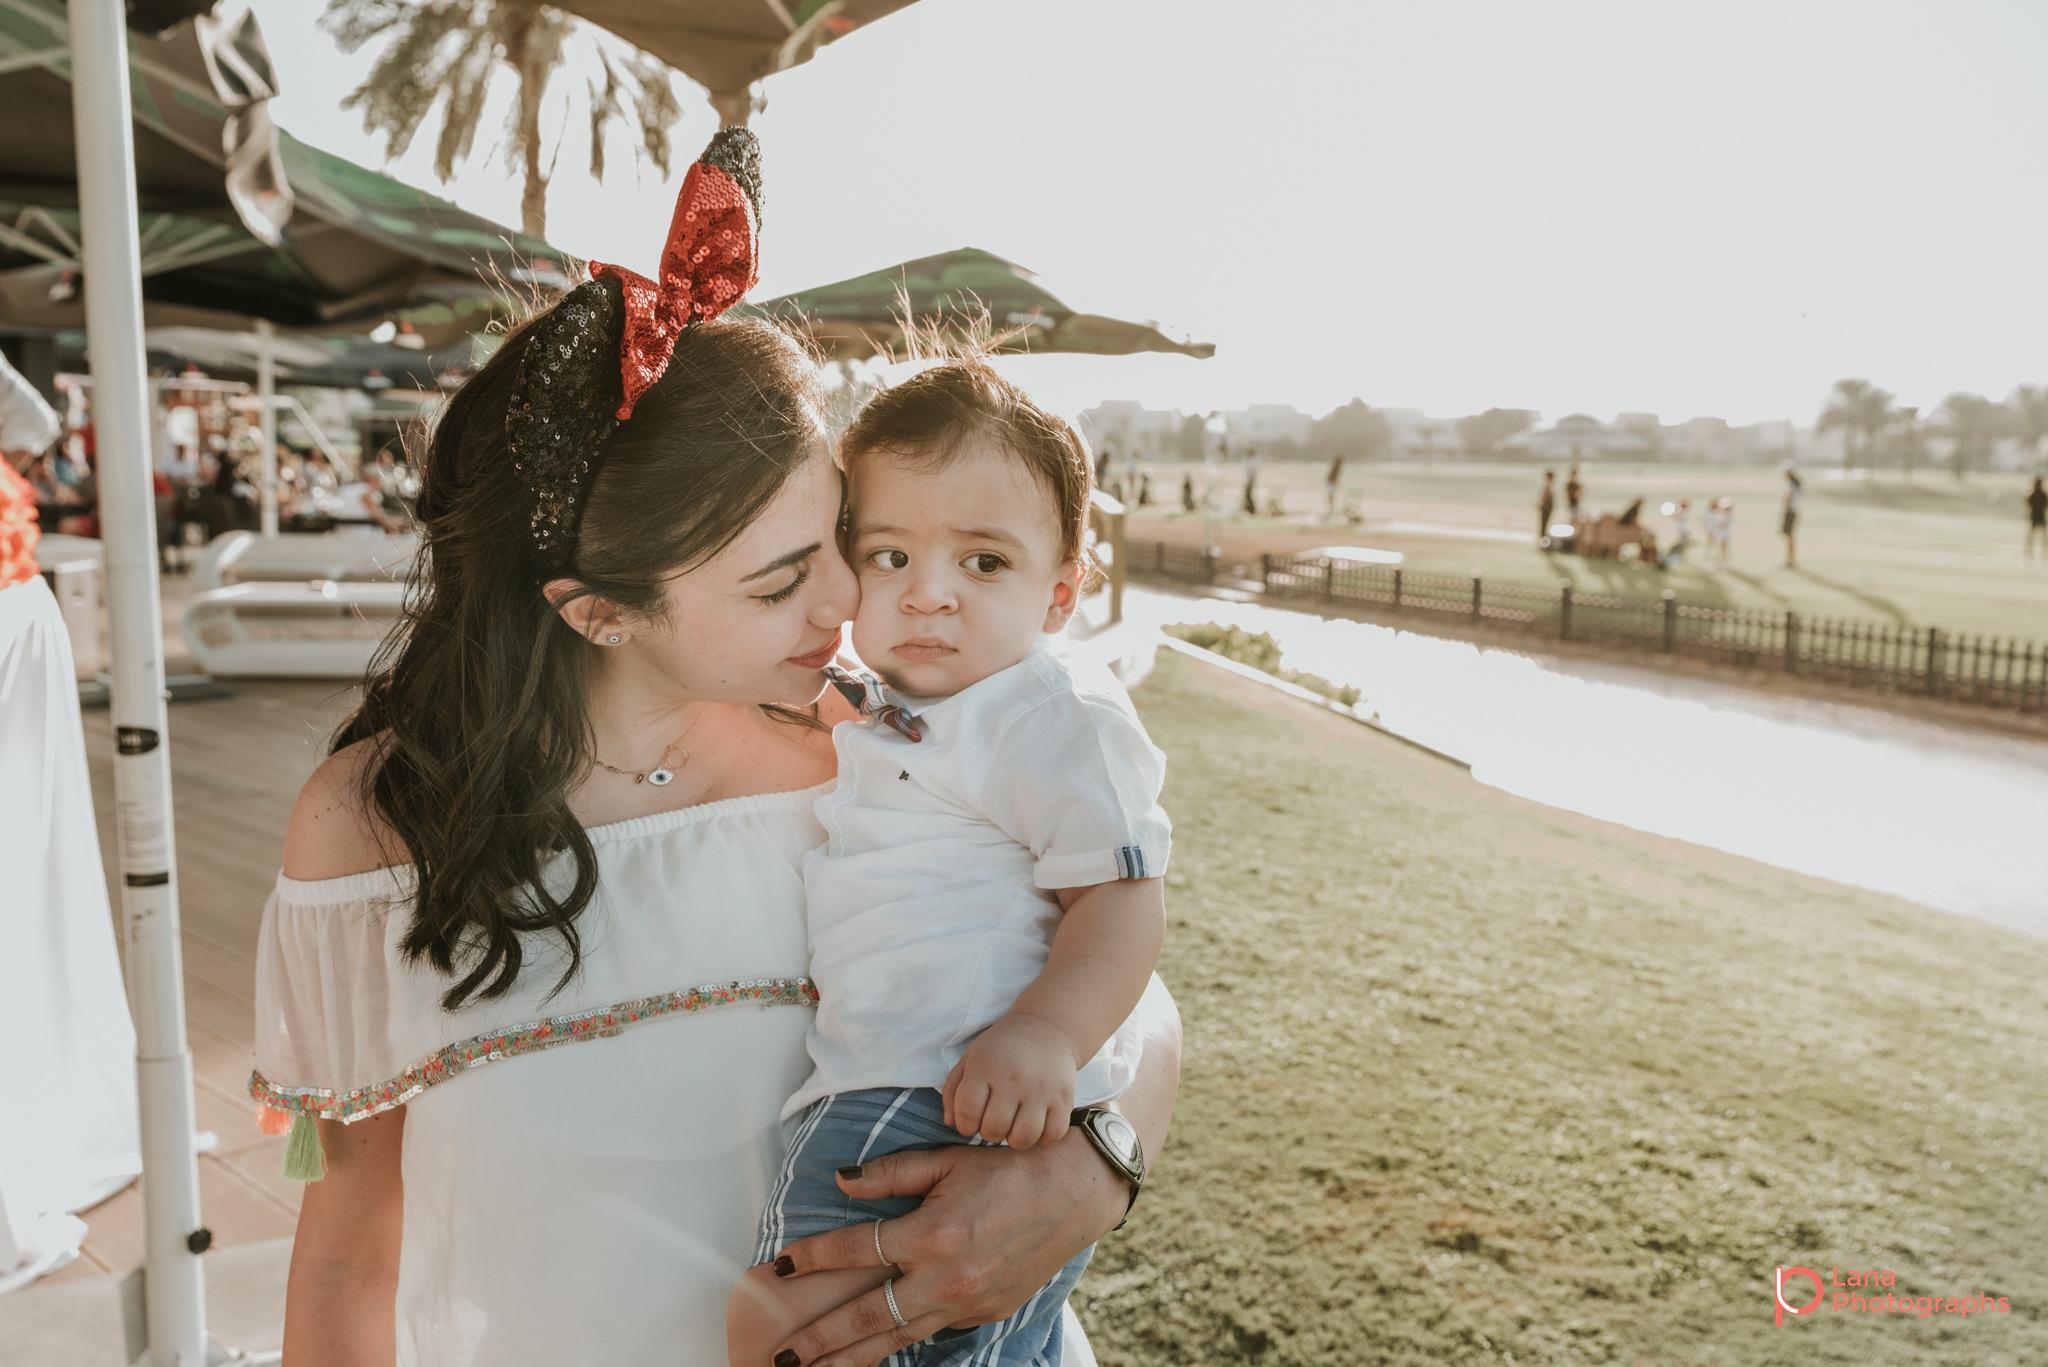 Lana-Photographs-Dubai-Family-Photography-Rim-LR-20.jpg